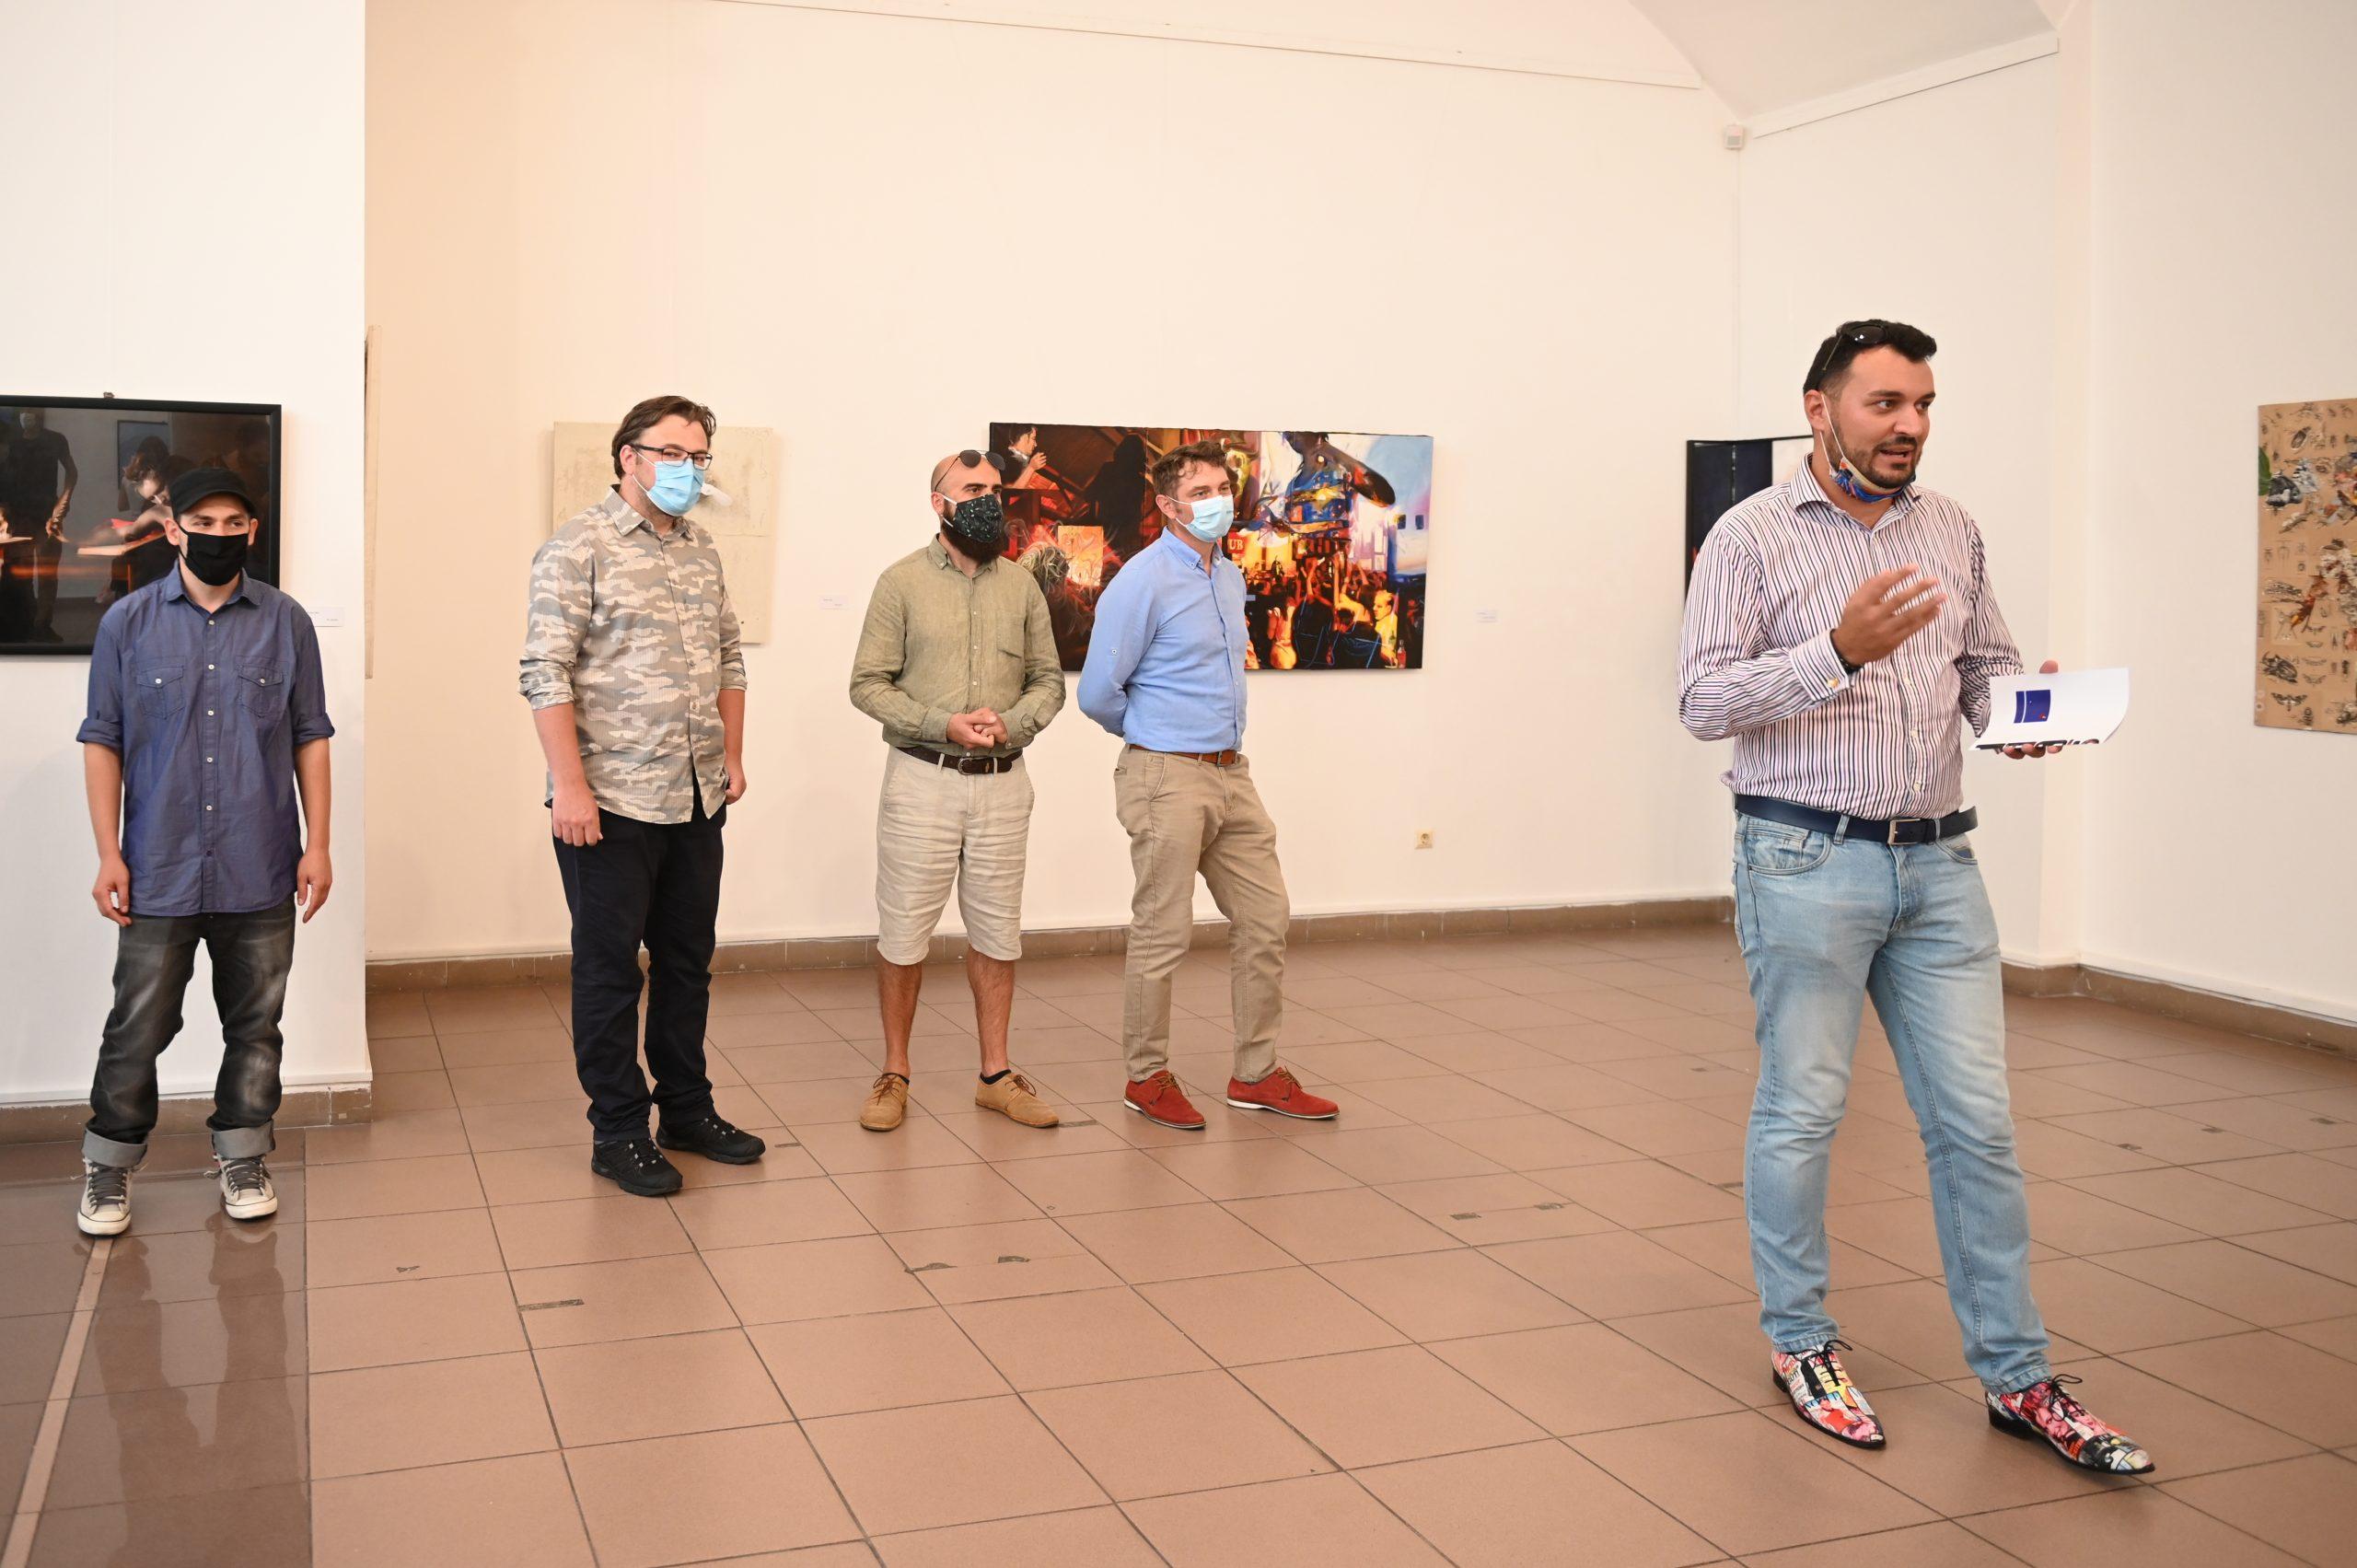 36 de artiști participă la prima ediție a evenimentului Sibiu Contemporary Art Festival